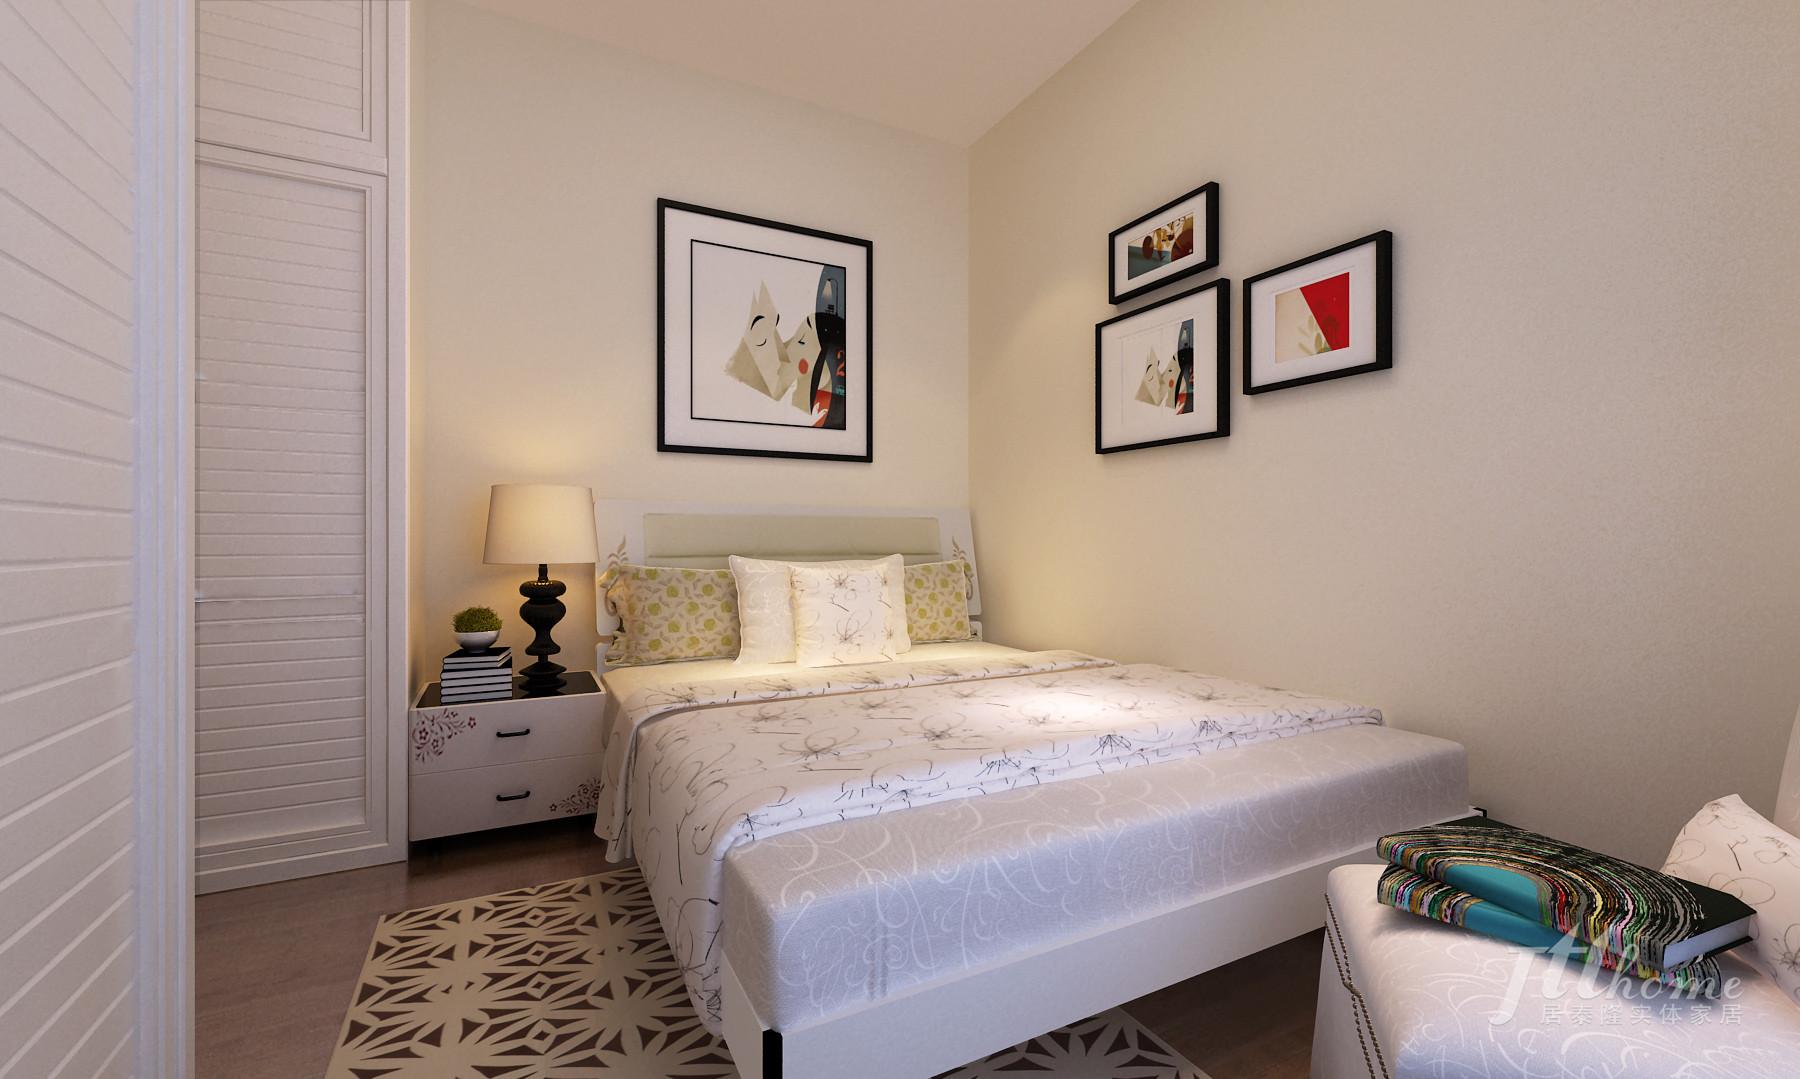 简约 二居 温馨 舒适 宜居 卧室图片来自居泰隆深圳在振业天峦 现代简约 二居室的分享